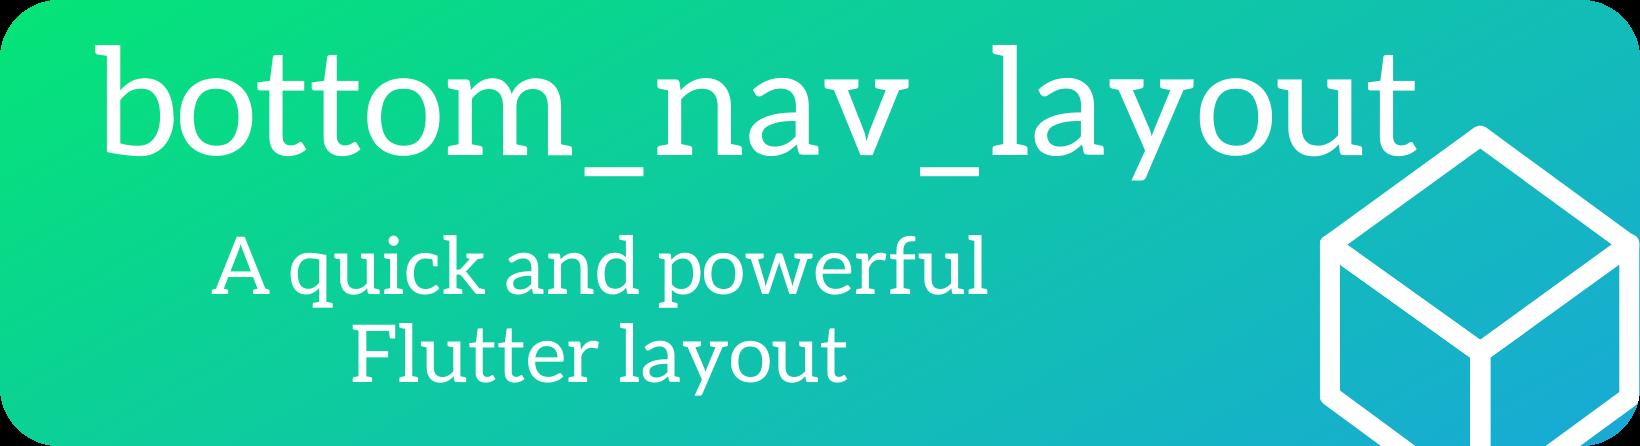 bottom_nav_layout